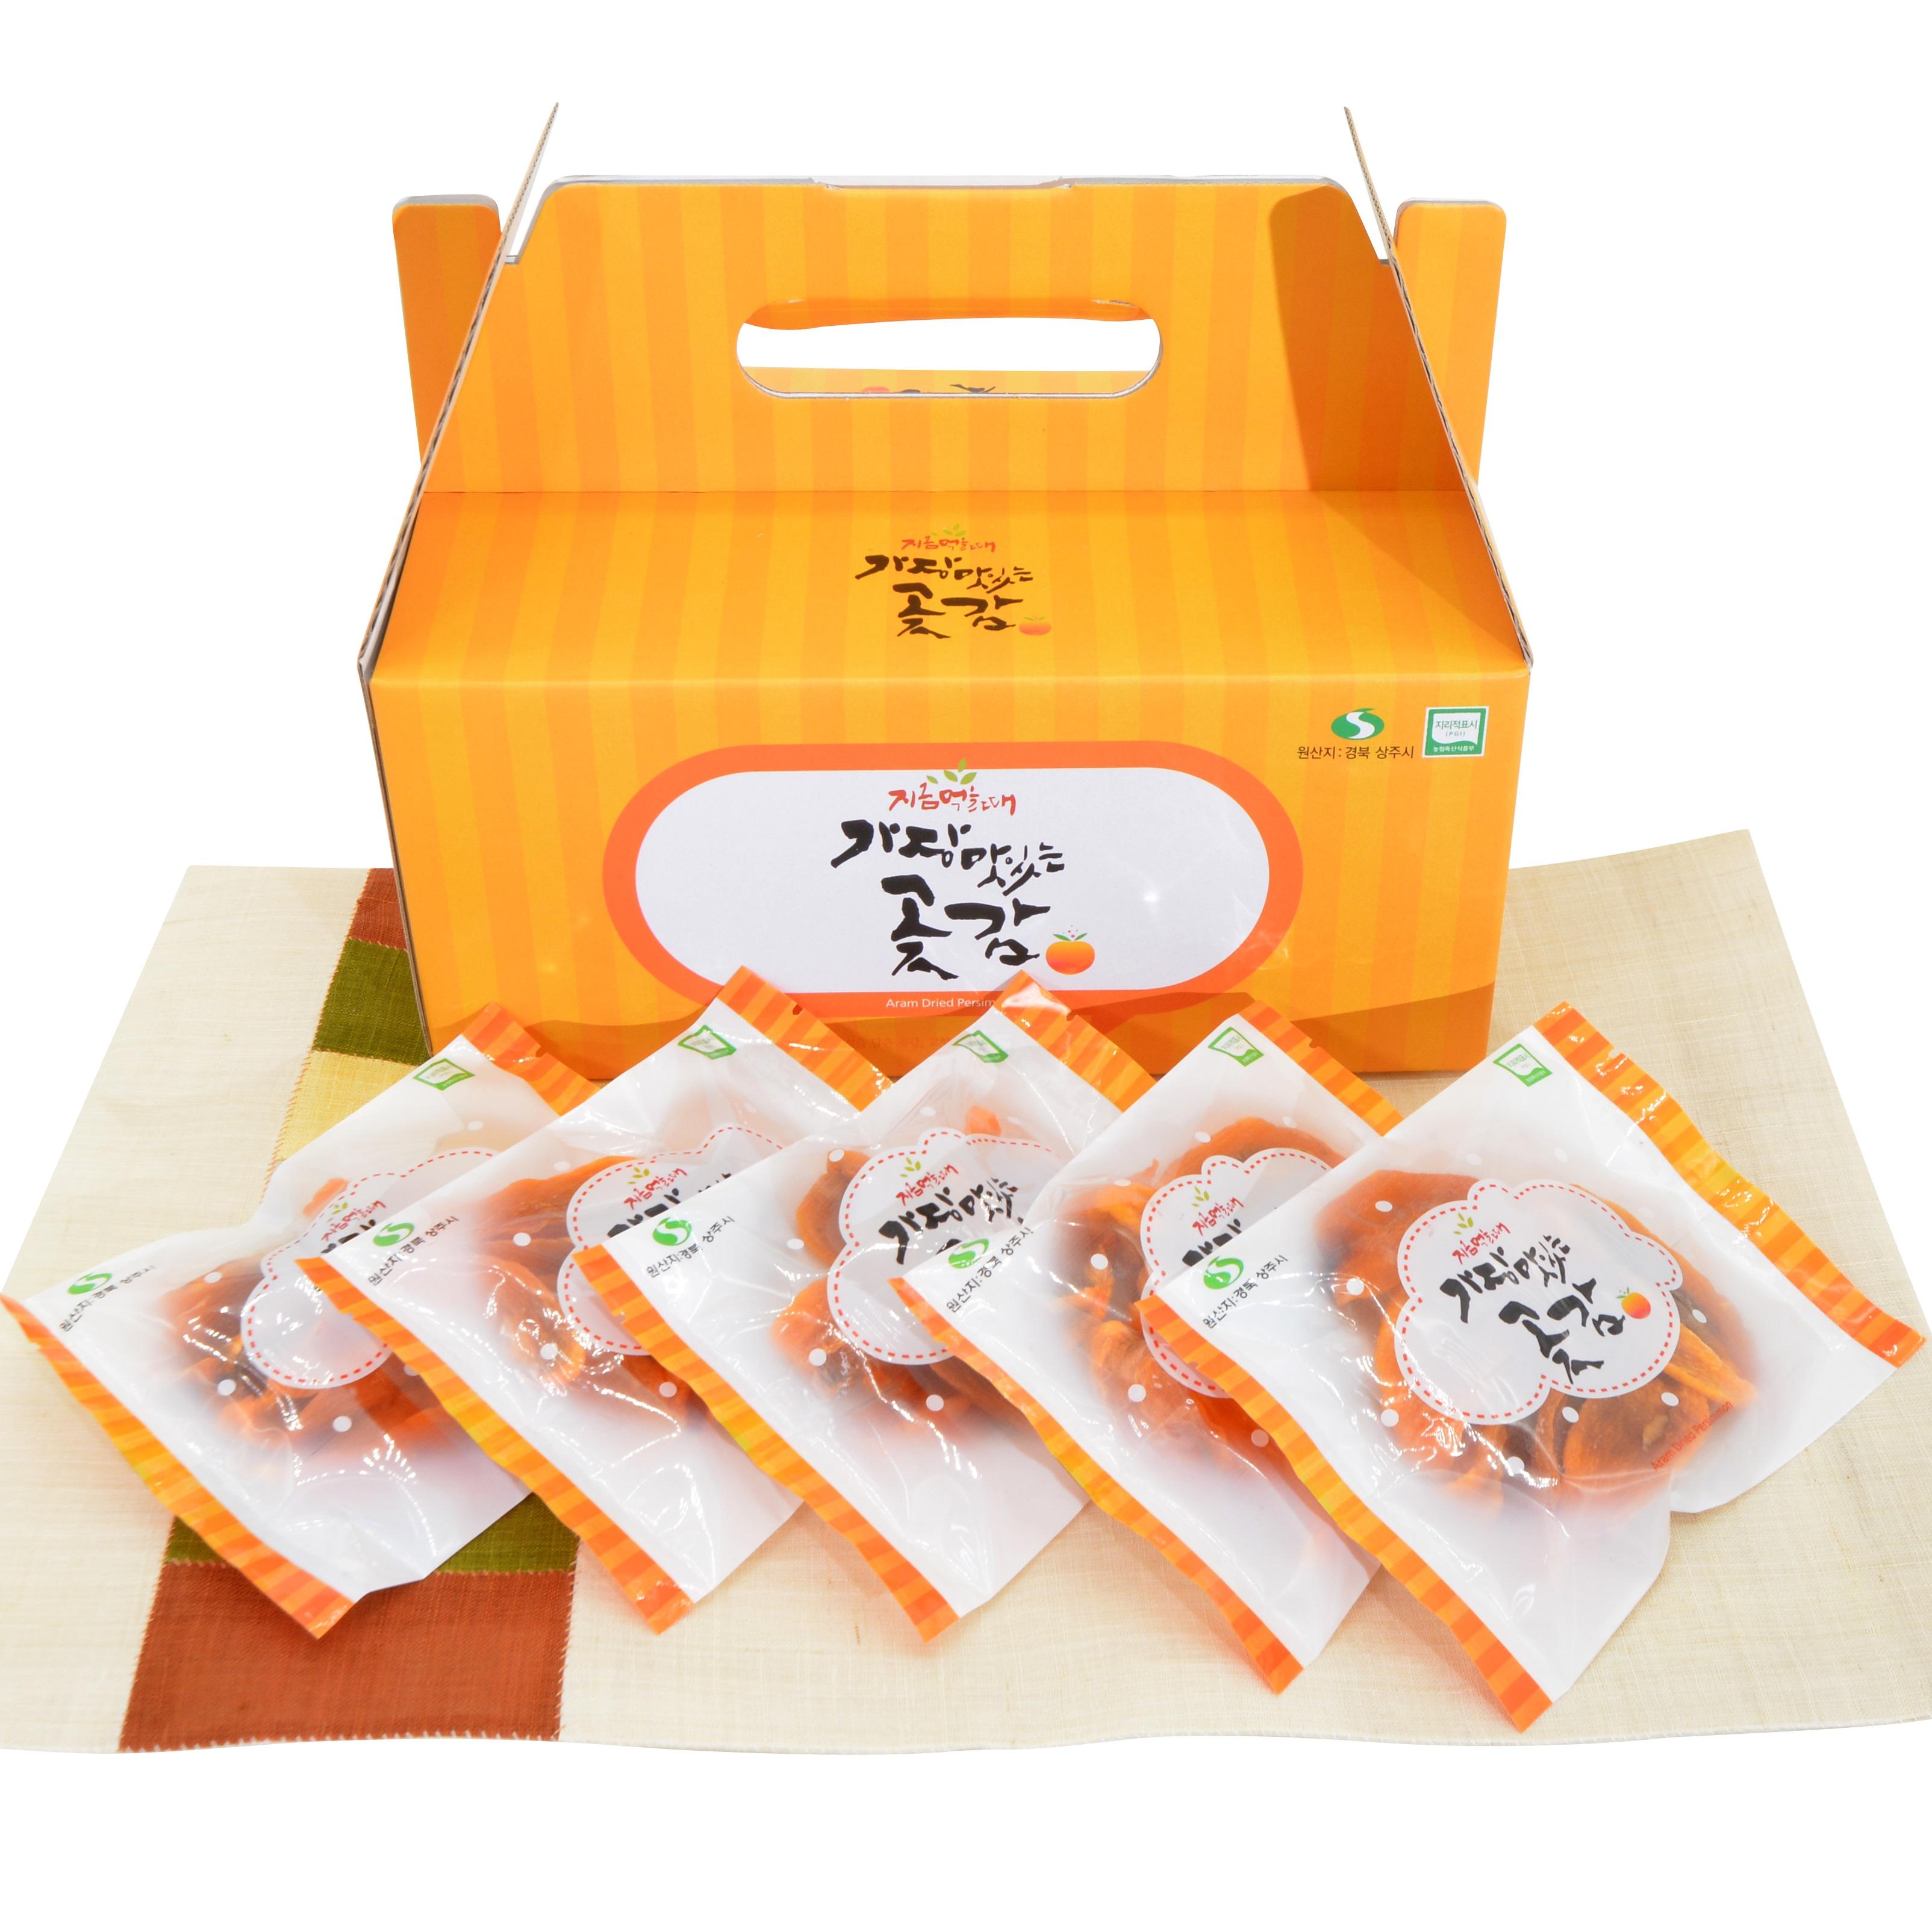 하루한봉 대봉 감말랭이 세트[2박스]